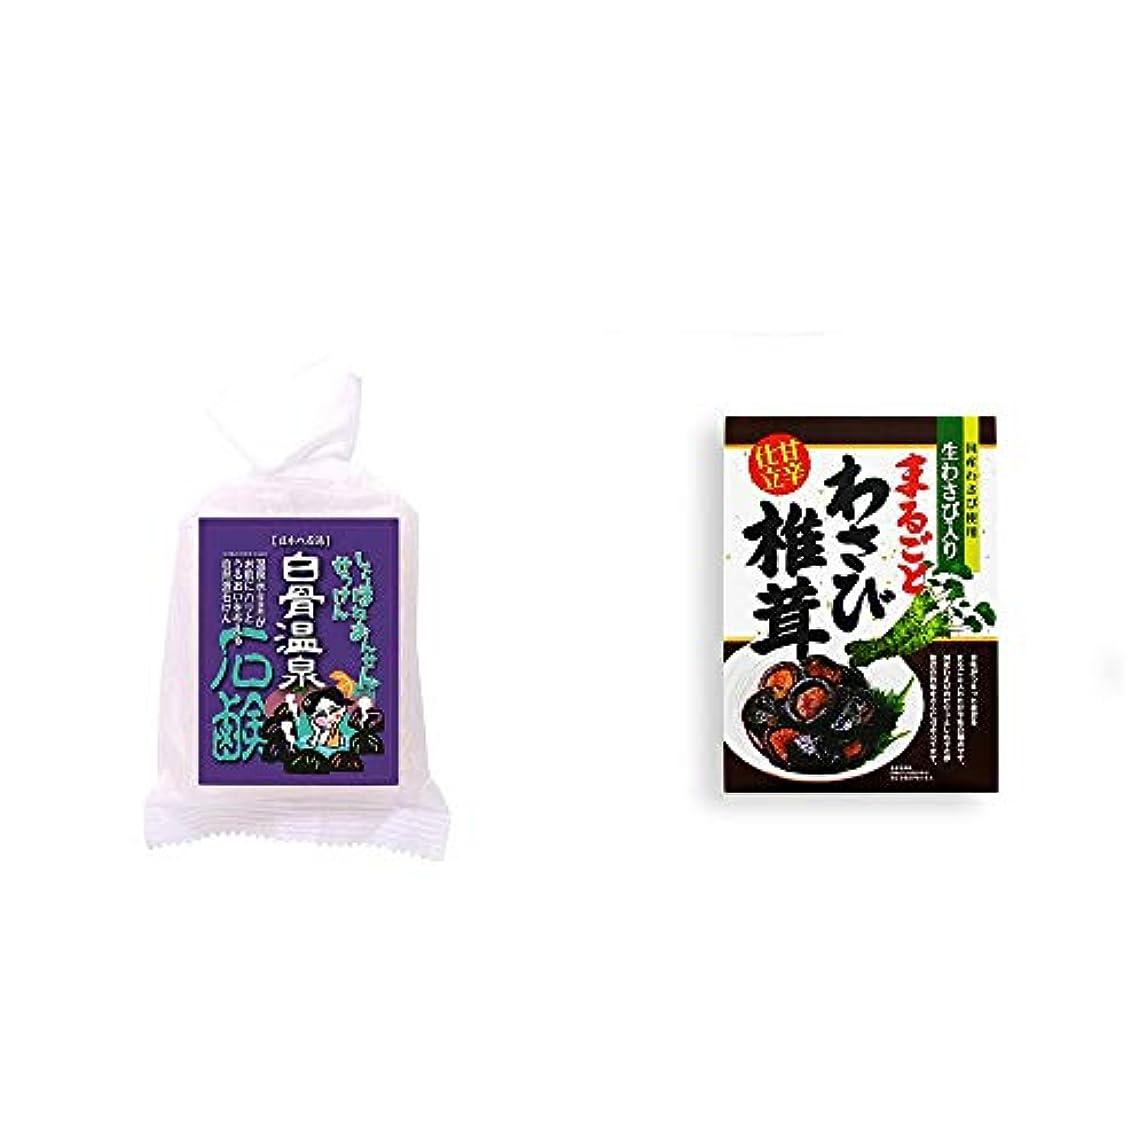 リード妊娠した変な[2点セット] 信州 白骨温泉石鹸(80g)?まるごとわさび椎茸(200g)